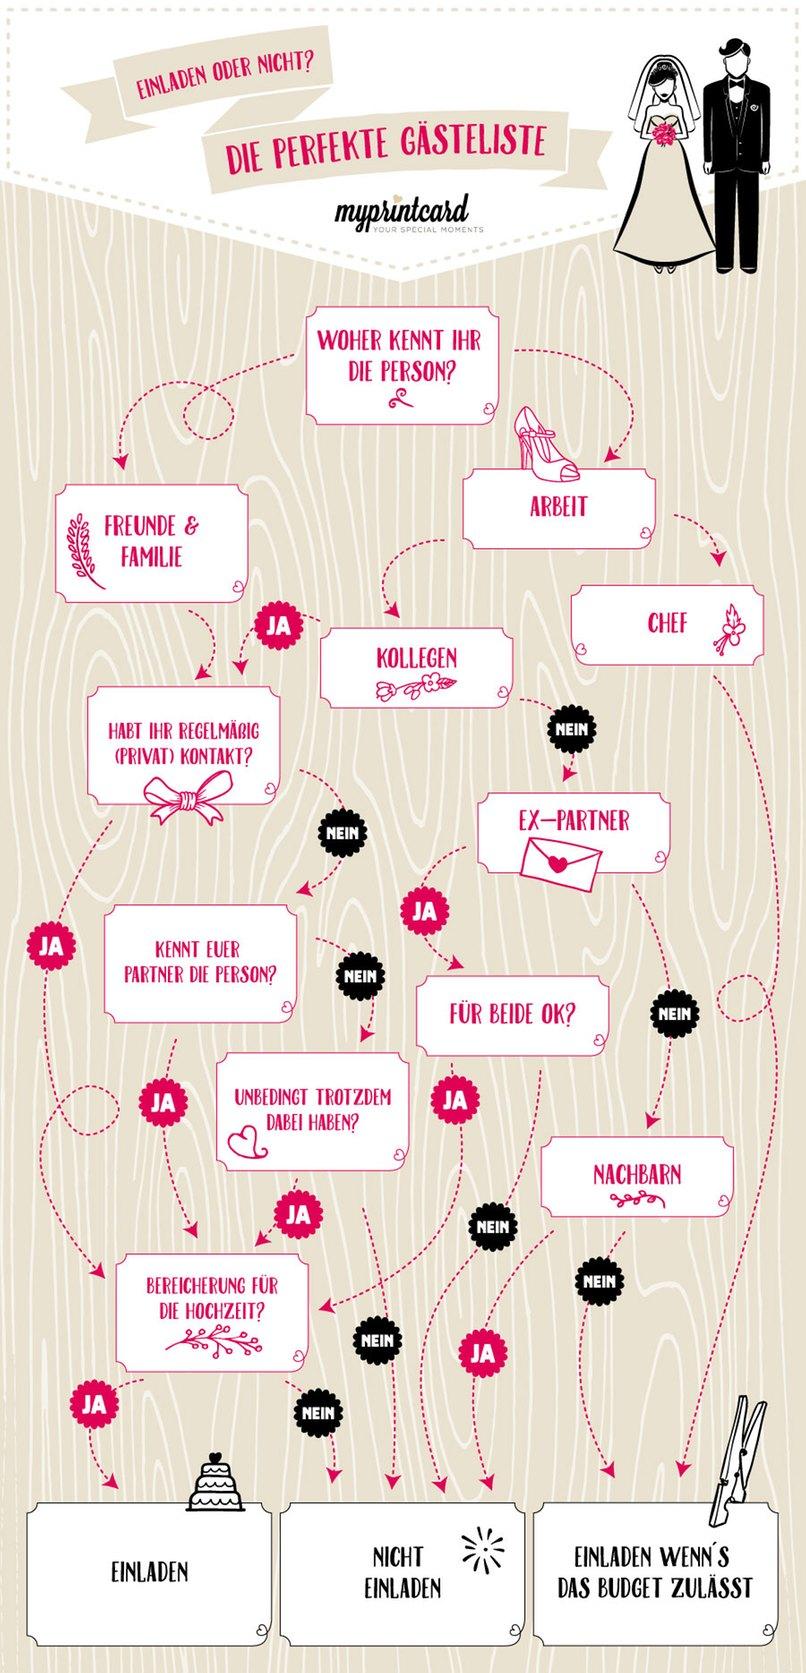 Mit der Infografik von myprintcard zur perfekten Gästeliste